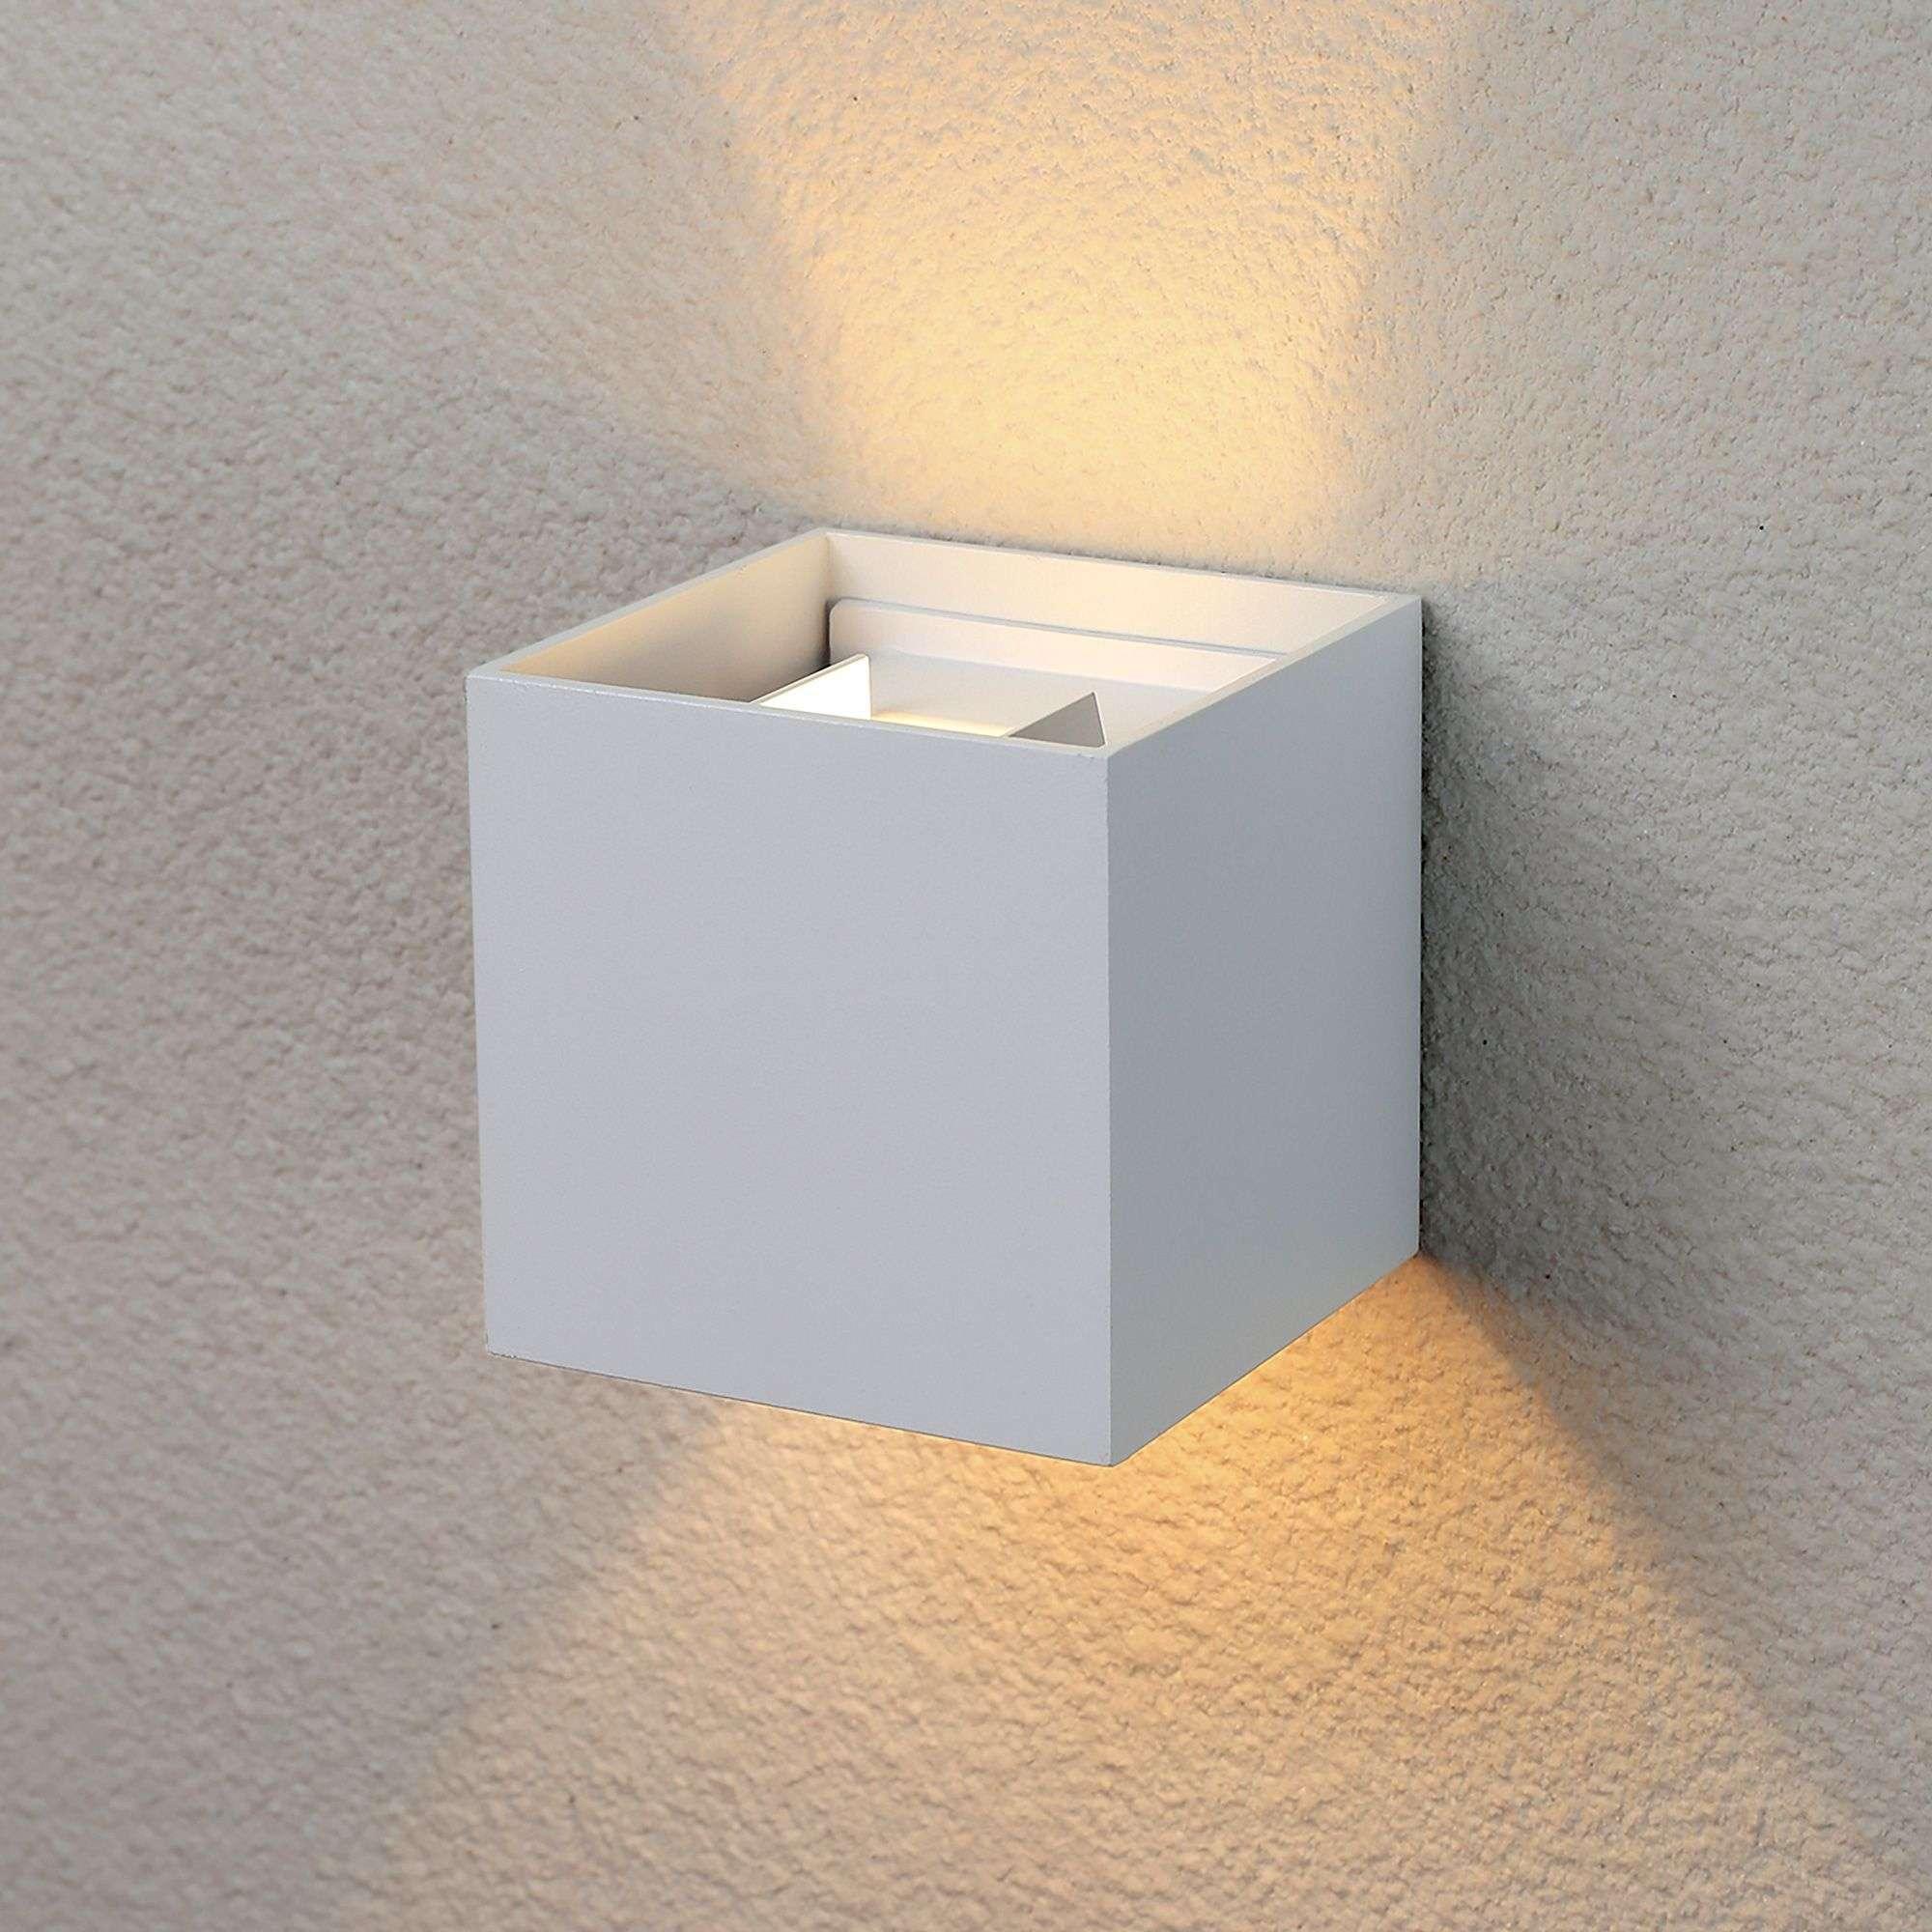 Пылевлагозащи<wbr>щенный светодиодный светильник с регулируемым углом рассеивания Winner белый IP54